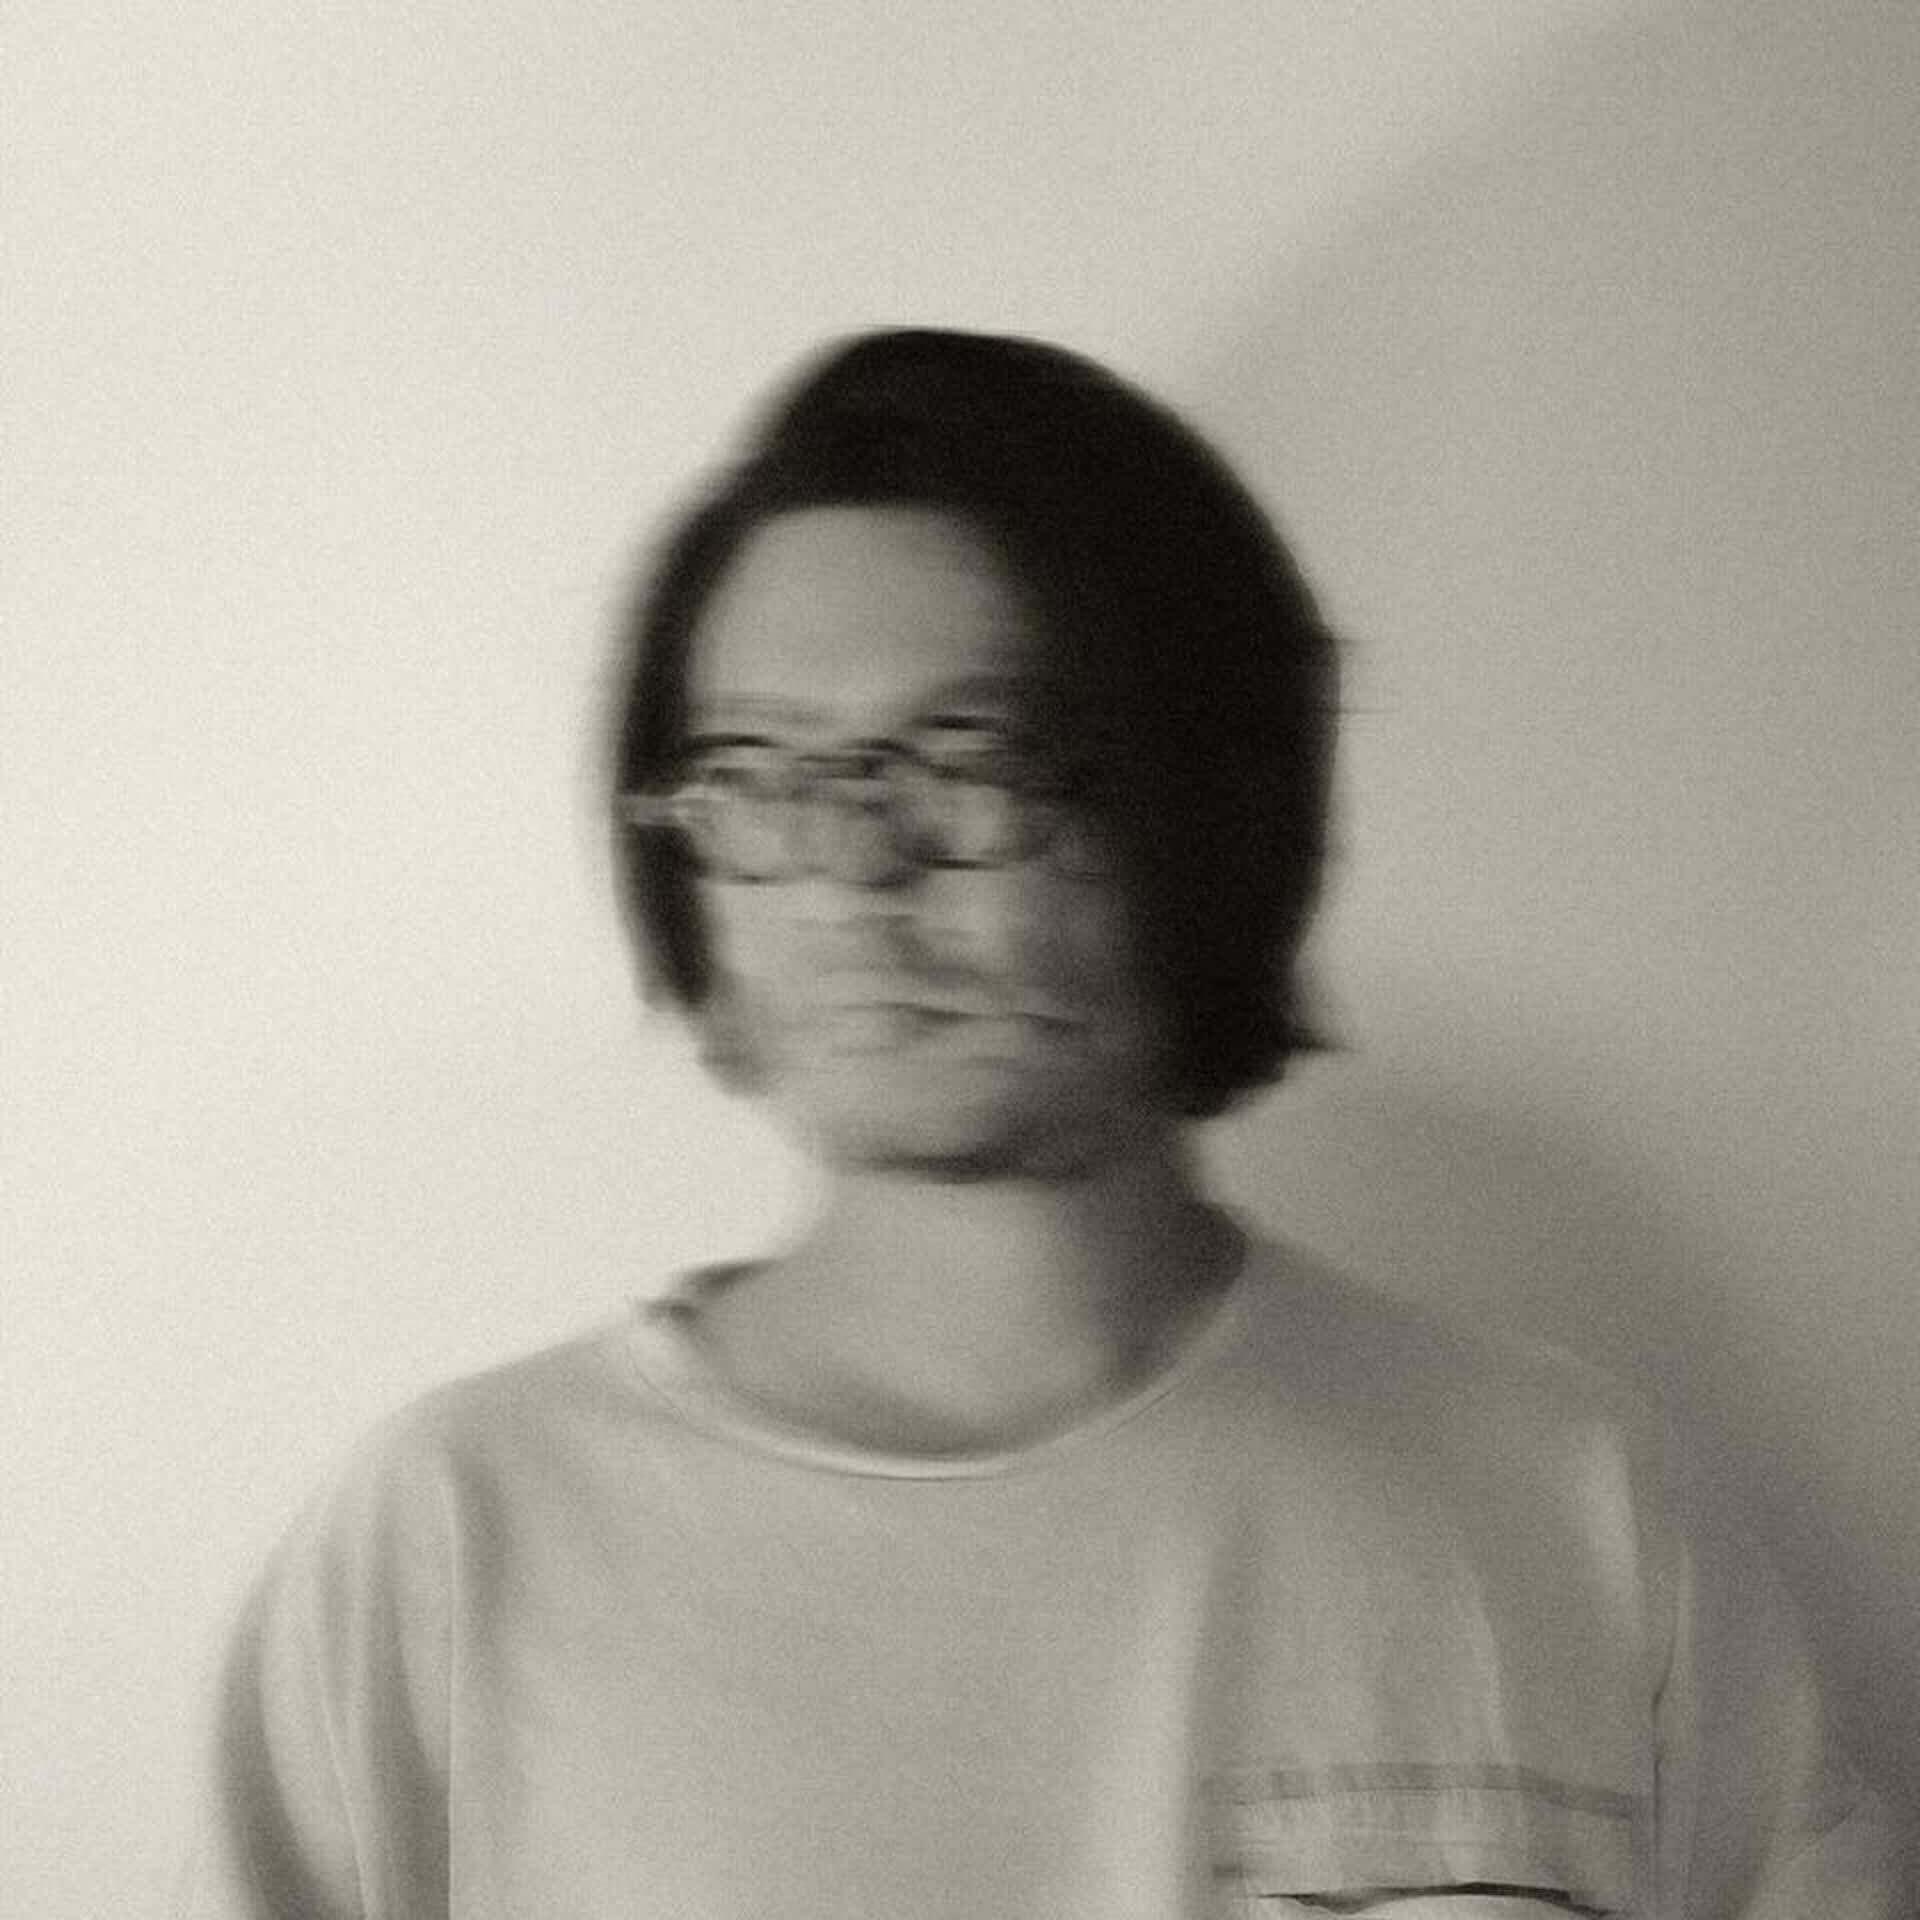 """maco maretsが『NEUT Magazine』2周年を祝う新曲""""Torches""""をリリース!渡辺隆信が16mmフィルムで制作したMVも公開 music201209_maco-marets_10-1920x1920"""